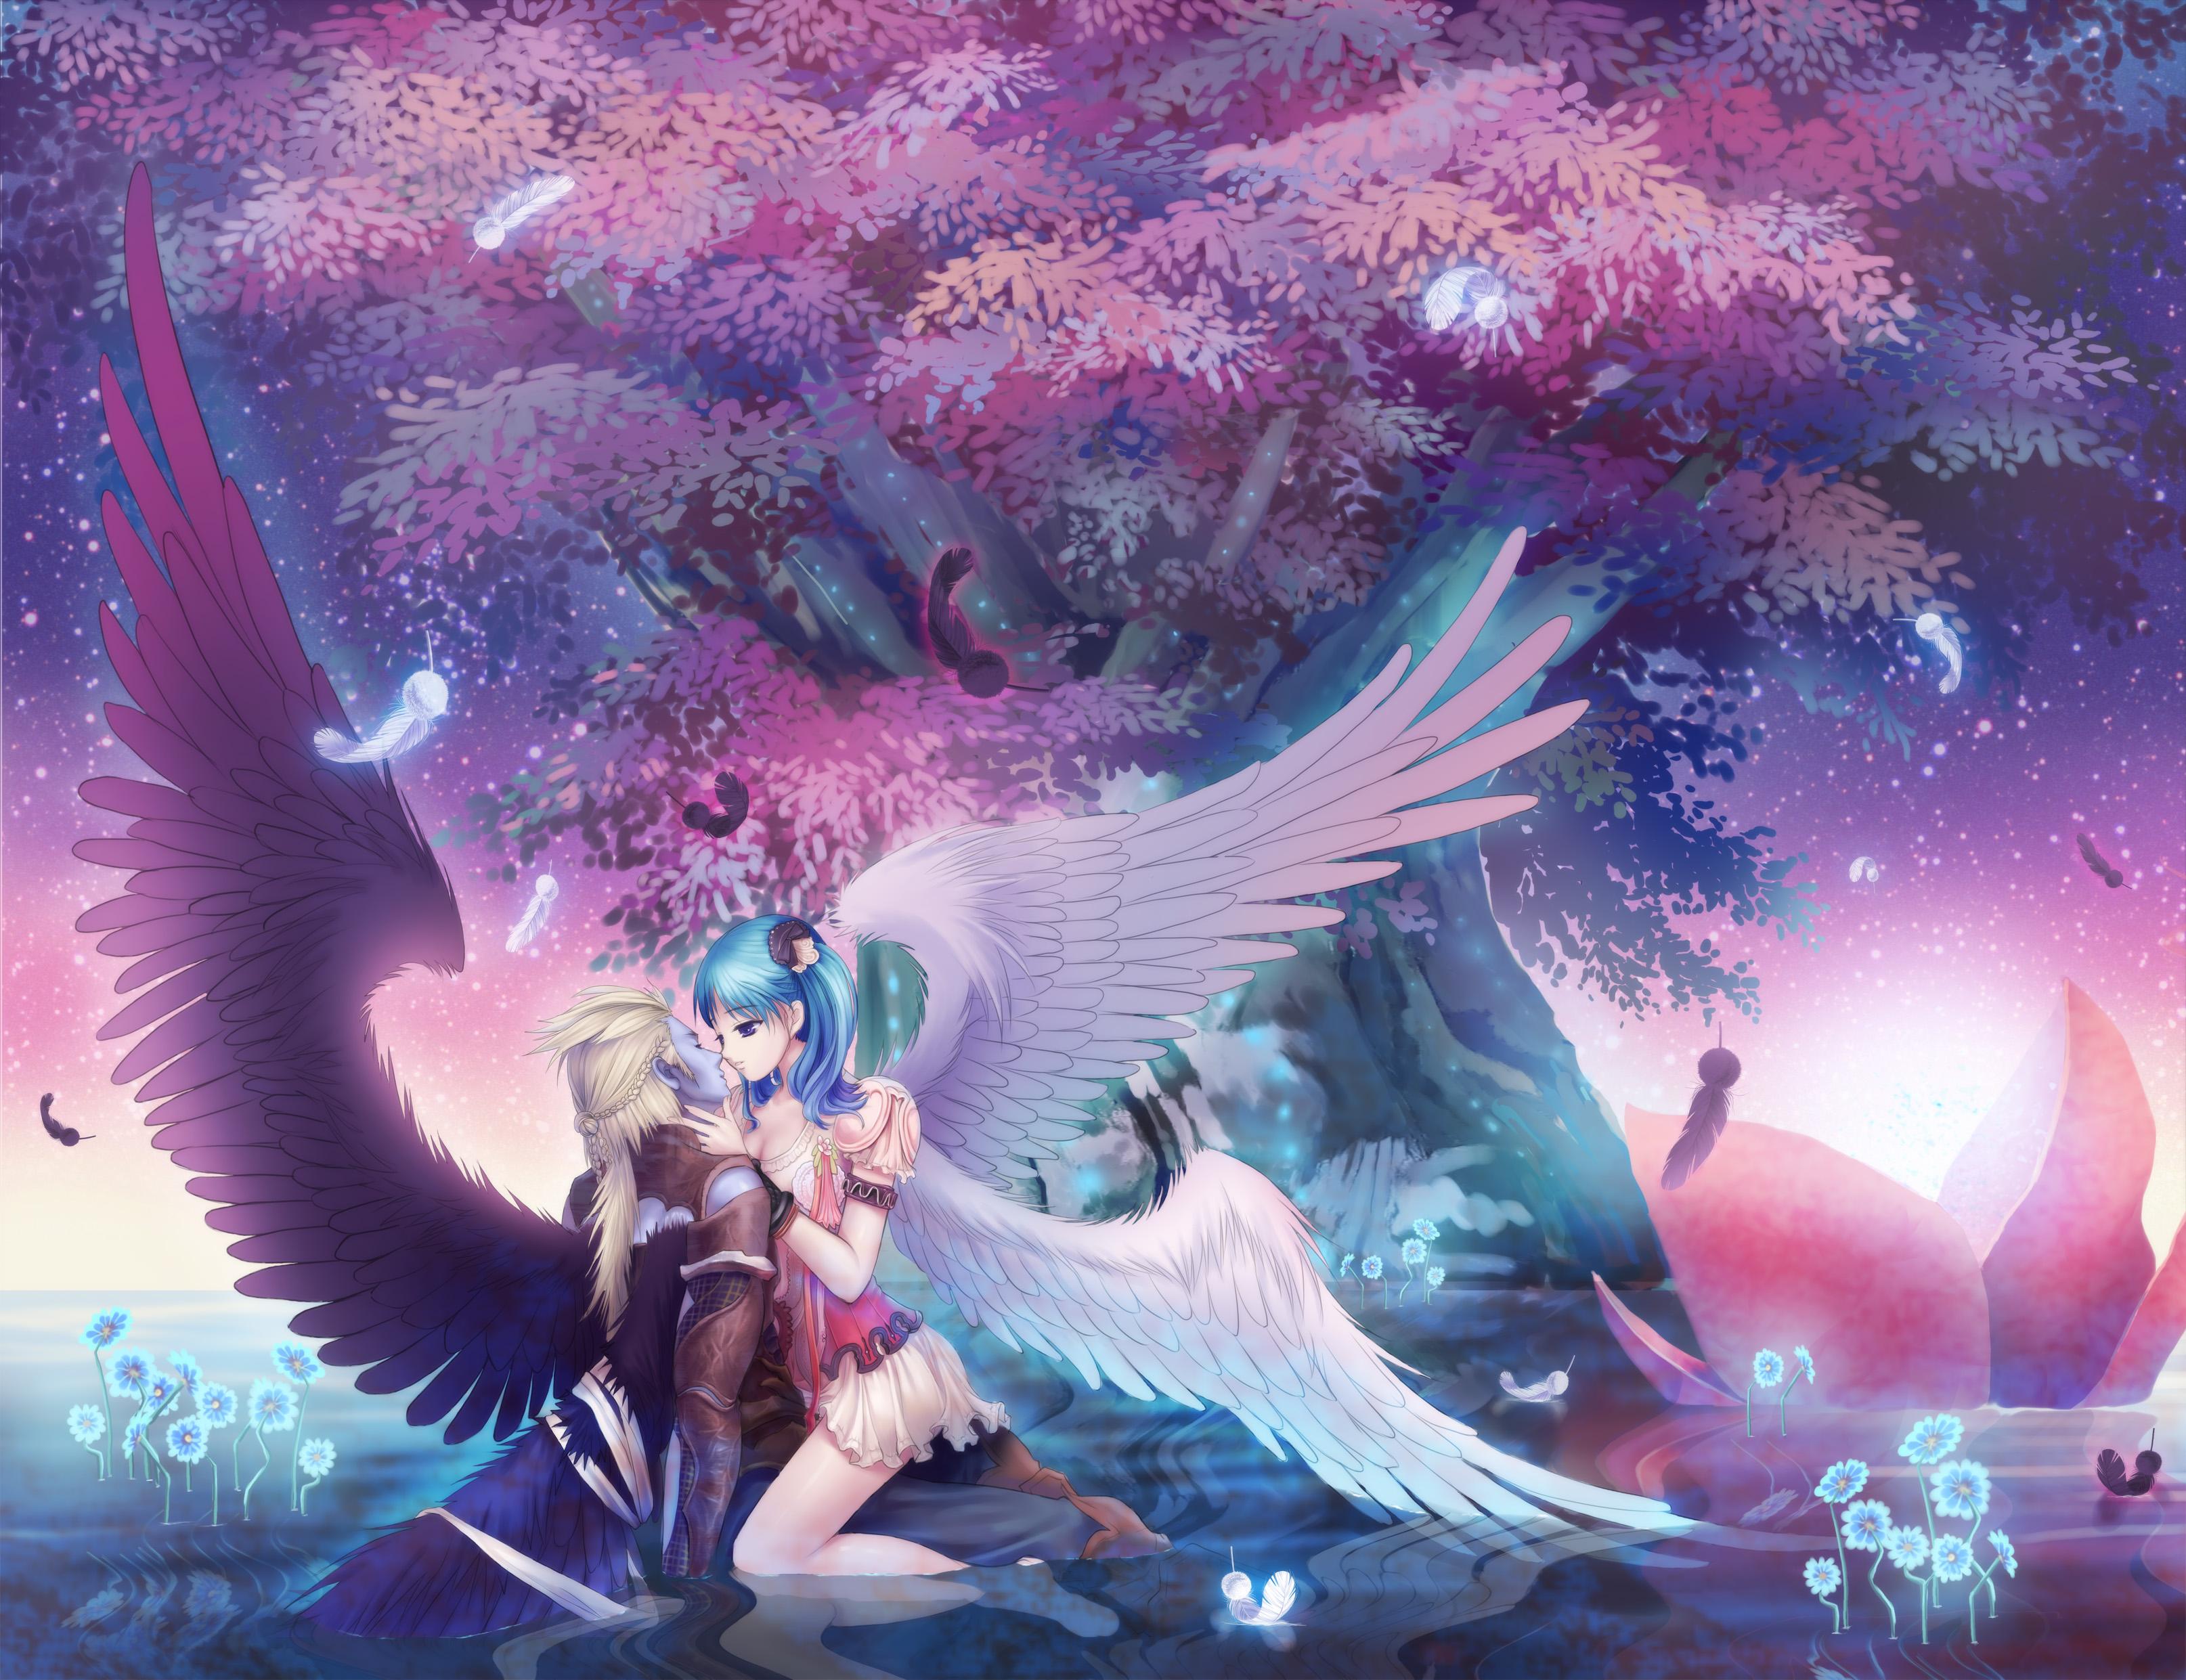 схема вышивки ангела аниме